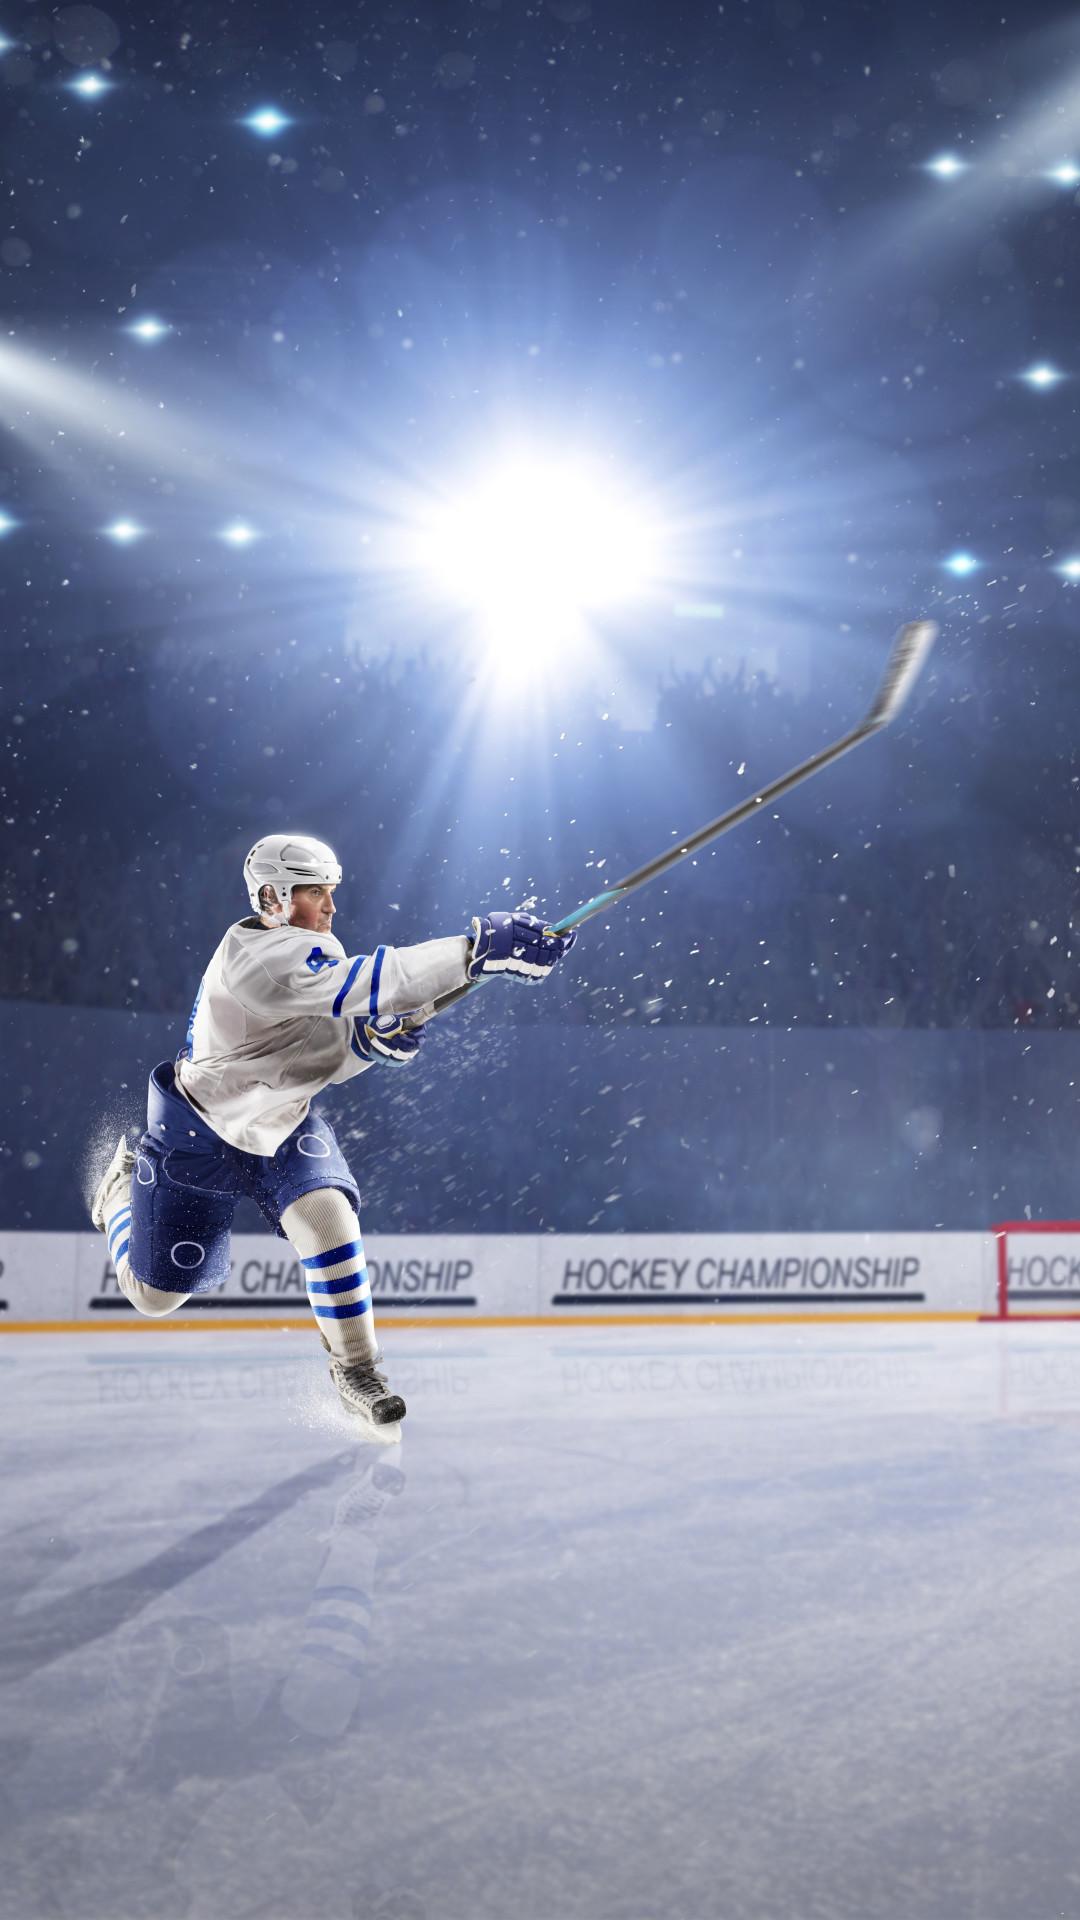 hockey wallpaper 183��